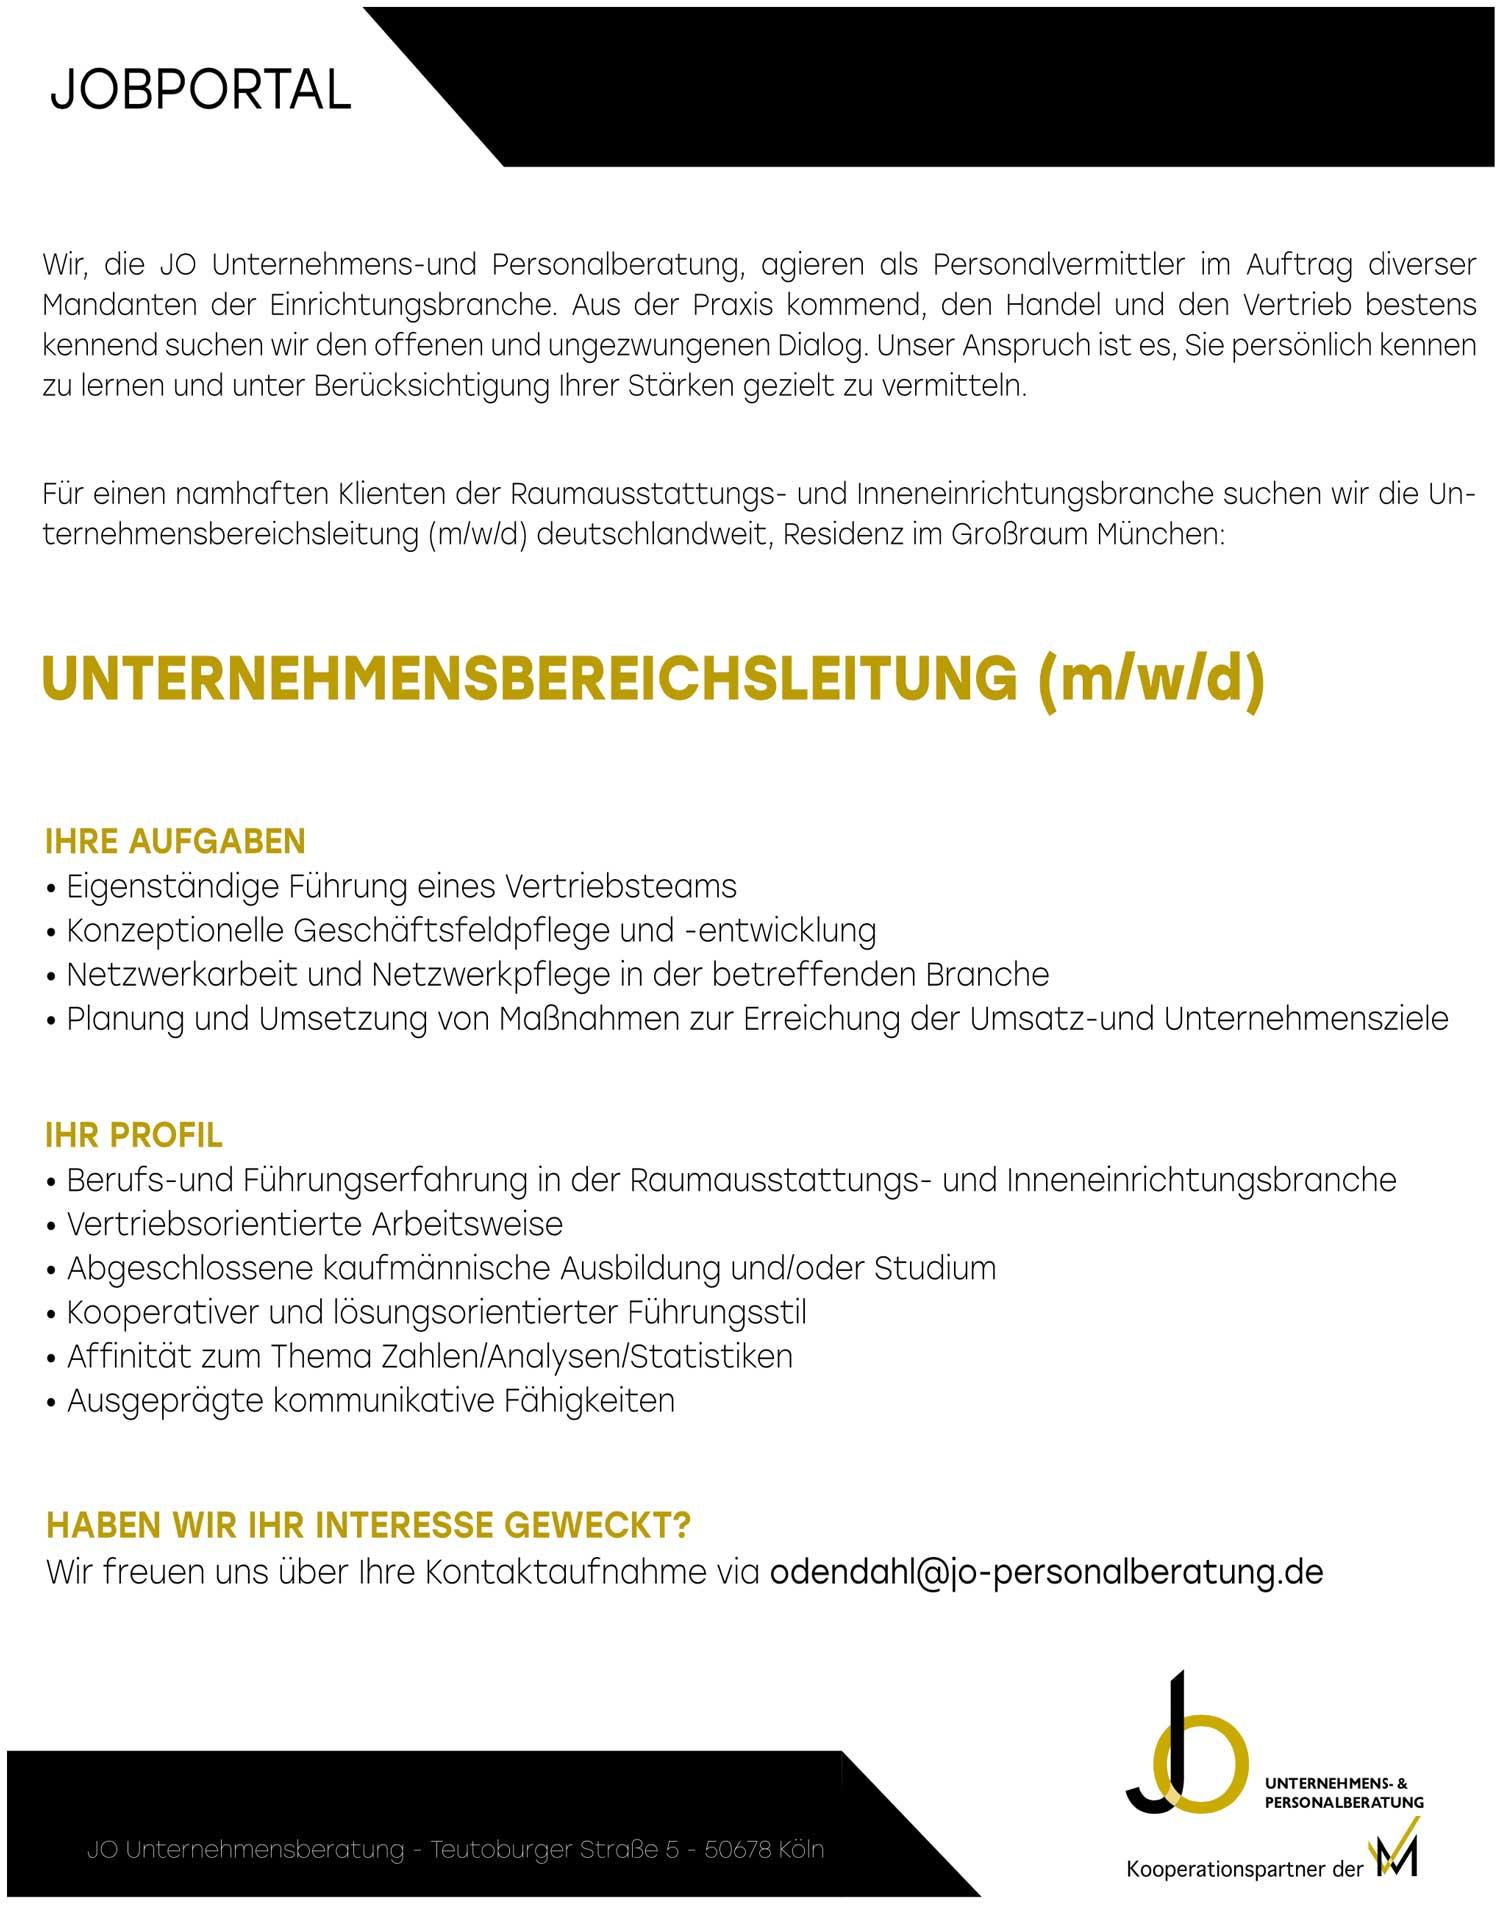 Bereichsleitung (m/w/d) für Unternehmen aus der Raumausstattungs- und Inneneinrichtungsbranche